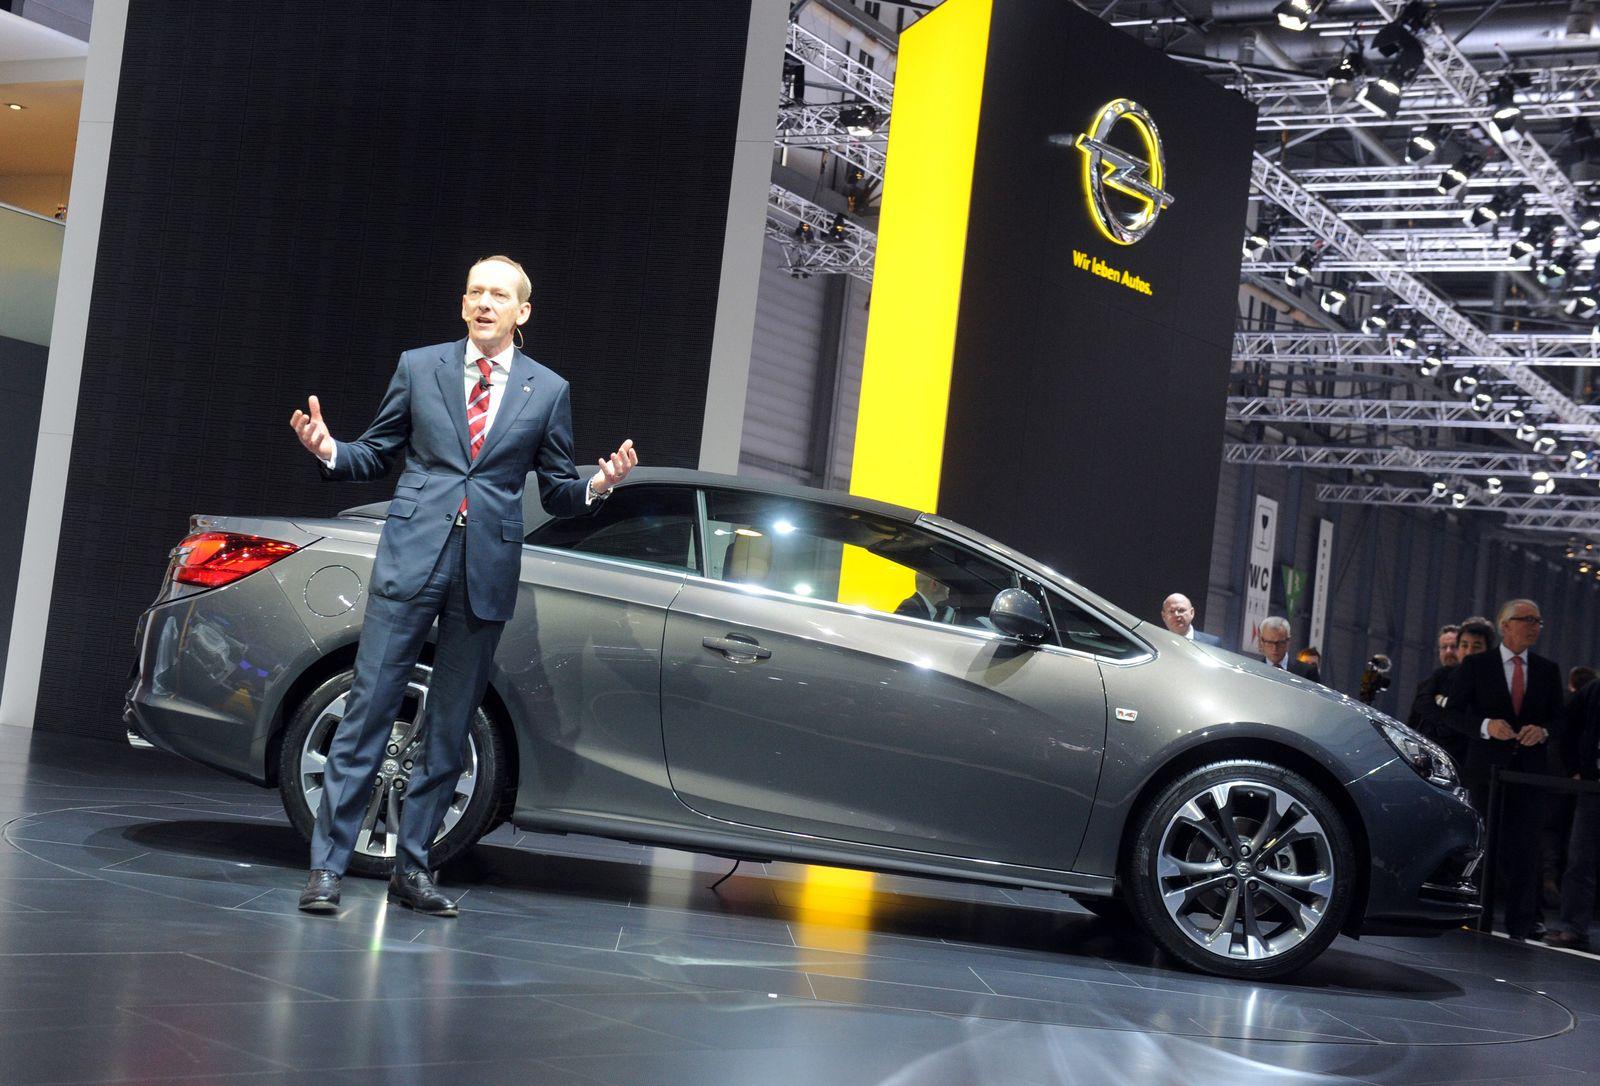 Genf 2013 / Rundgang / Opel Cascada